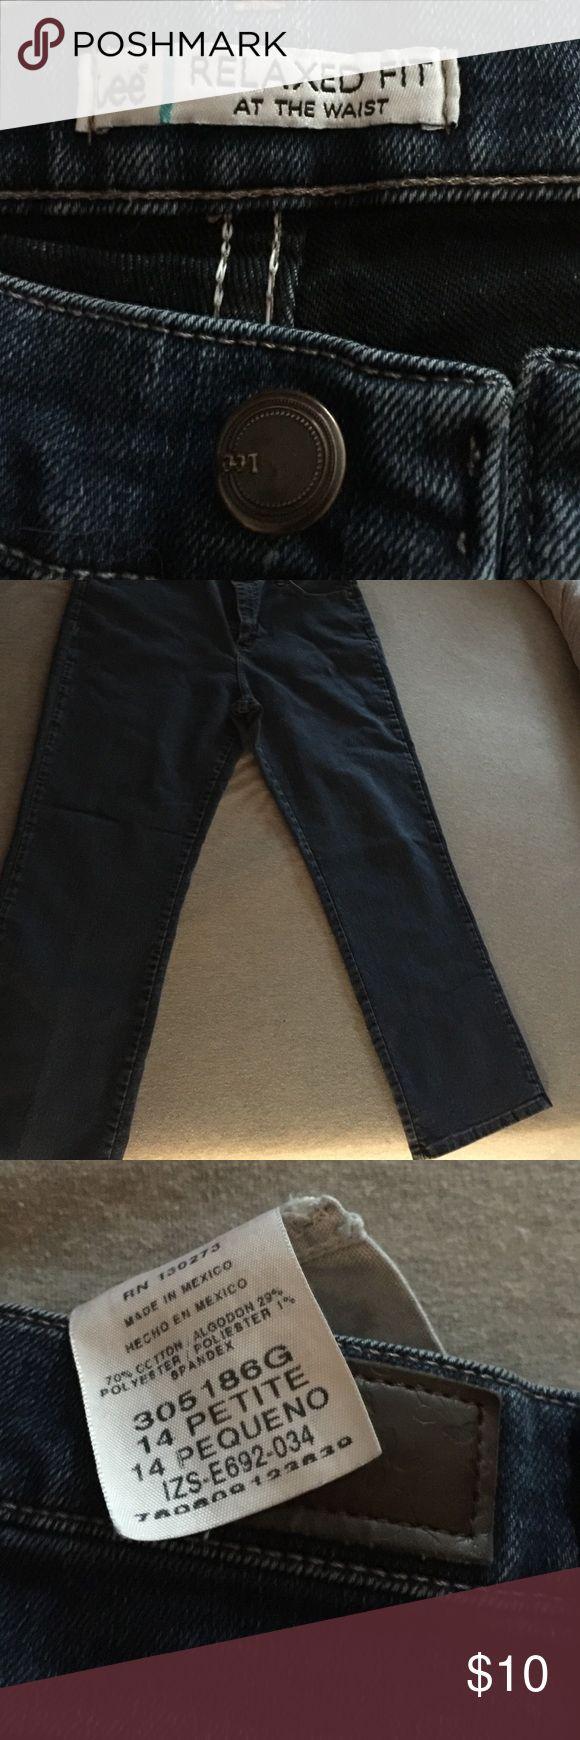 Lee jeans Dark blue lee jeans Lee Jeans Boot Cut